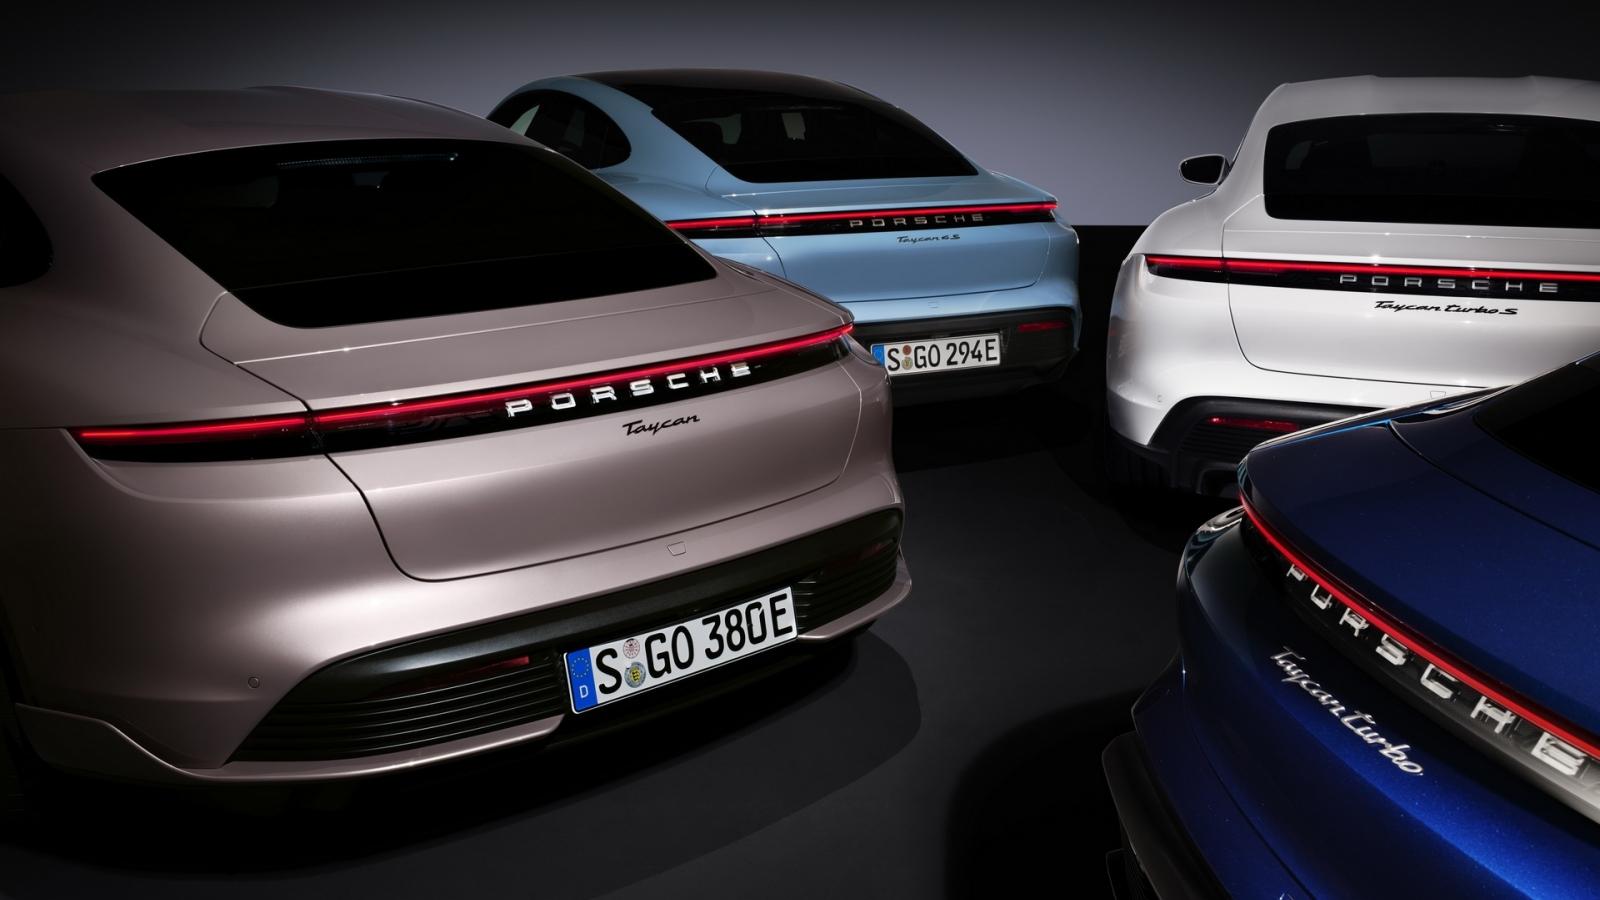 Porsche xác nhận sẽ thu hồi Taycan do sự cố mất điện đột ngột